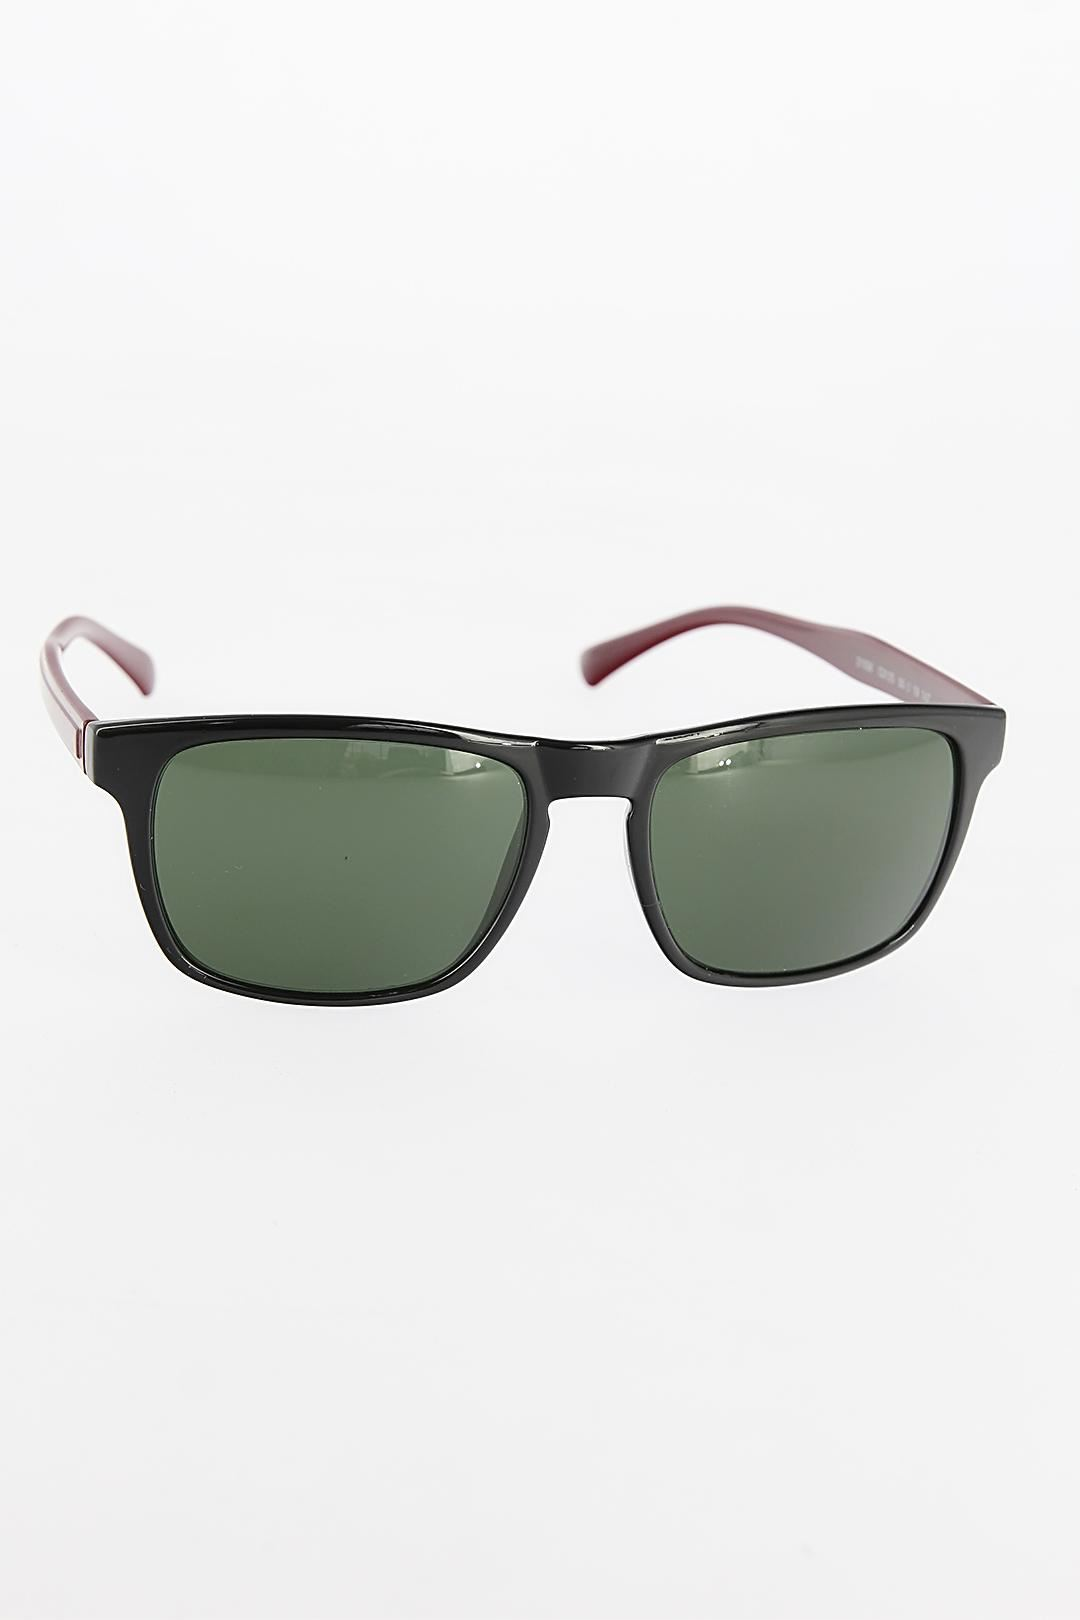 Siyah Renk Çerçeveli Bordo Saplı Erkek Güneş Gözlüğü